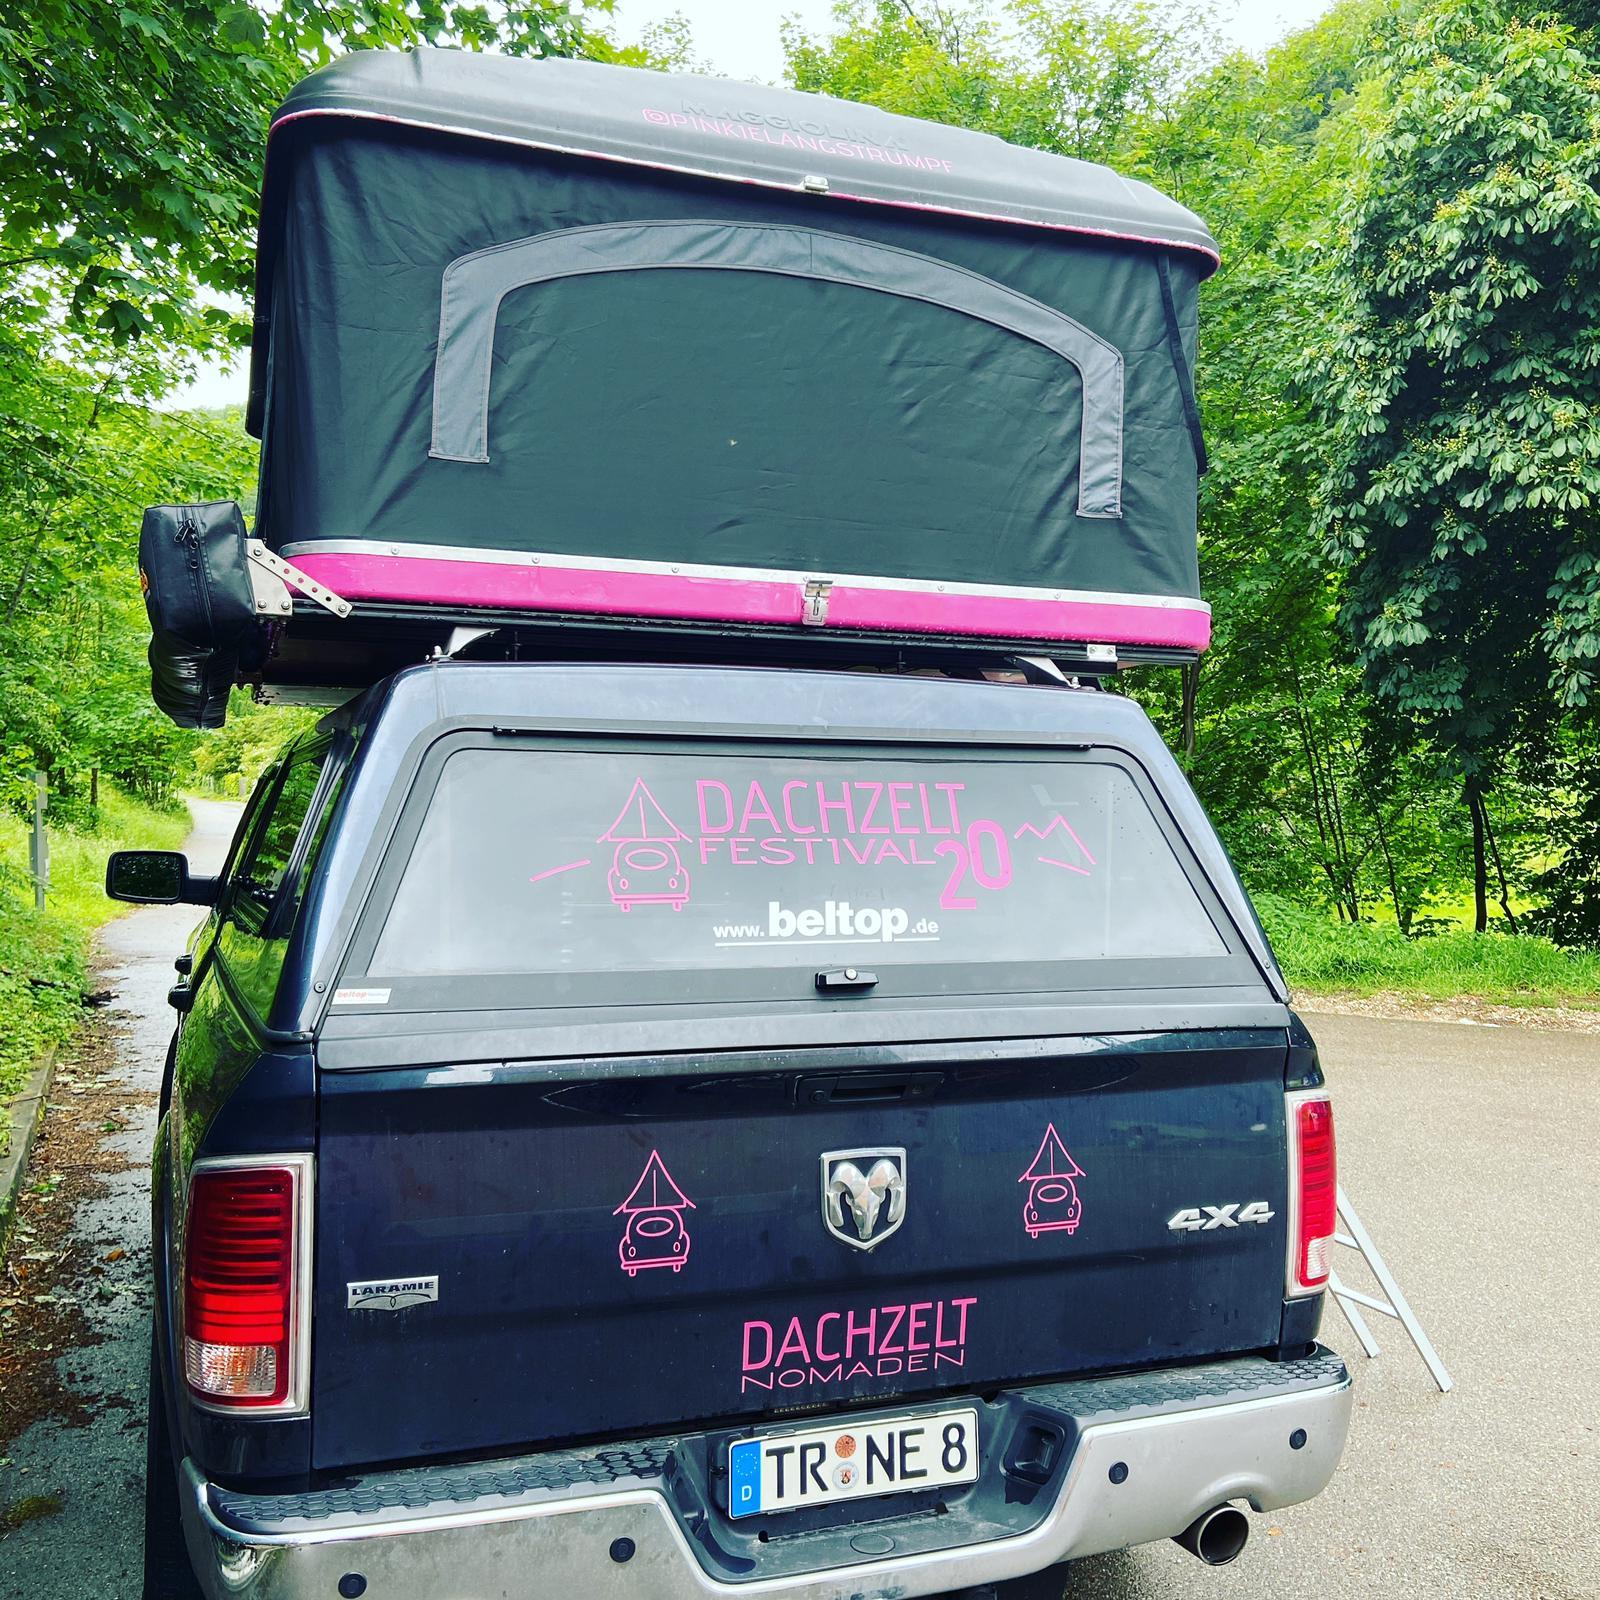 Großes Dachzelt auf großem Auto - bis zu den Seitenspiegeln darfst du ohne Probleme! | Bild: Natalie Ewen